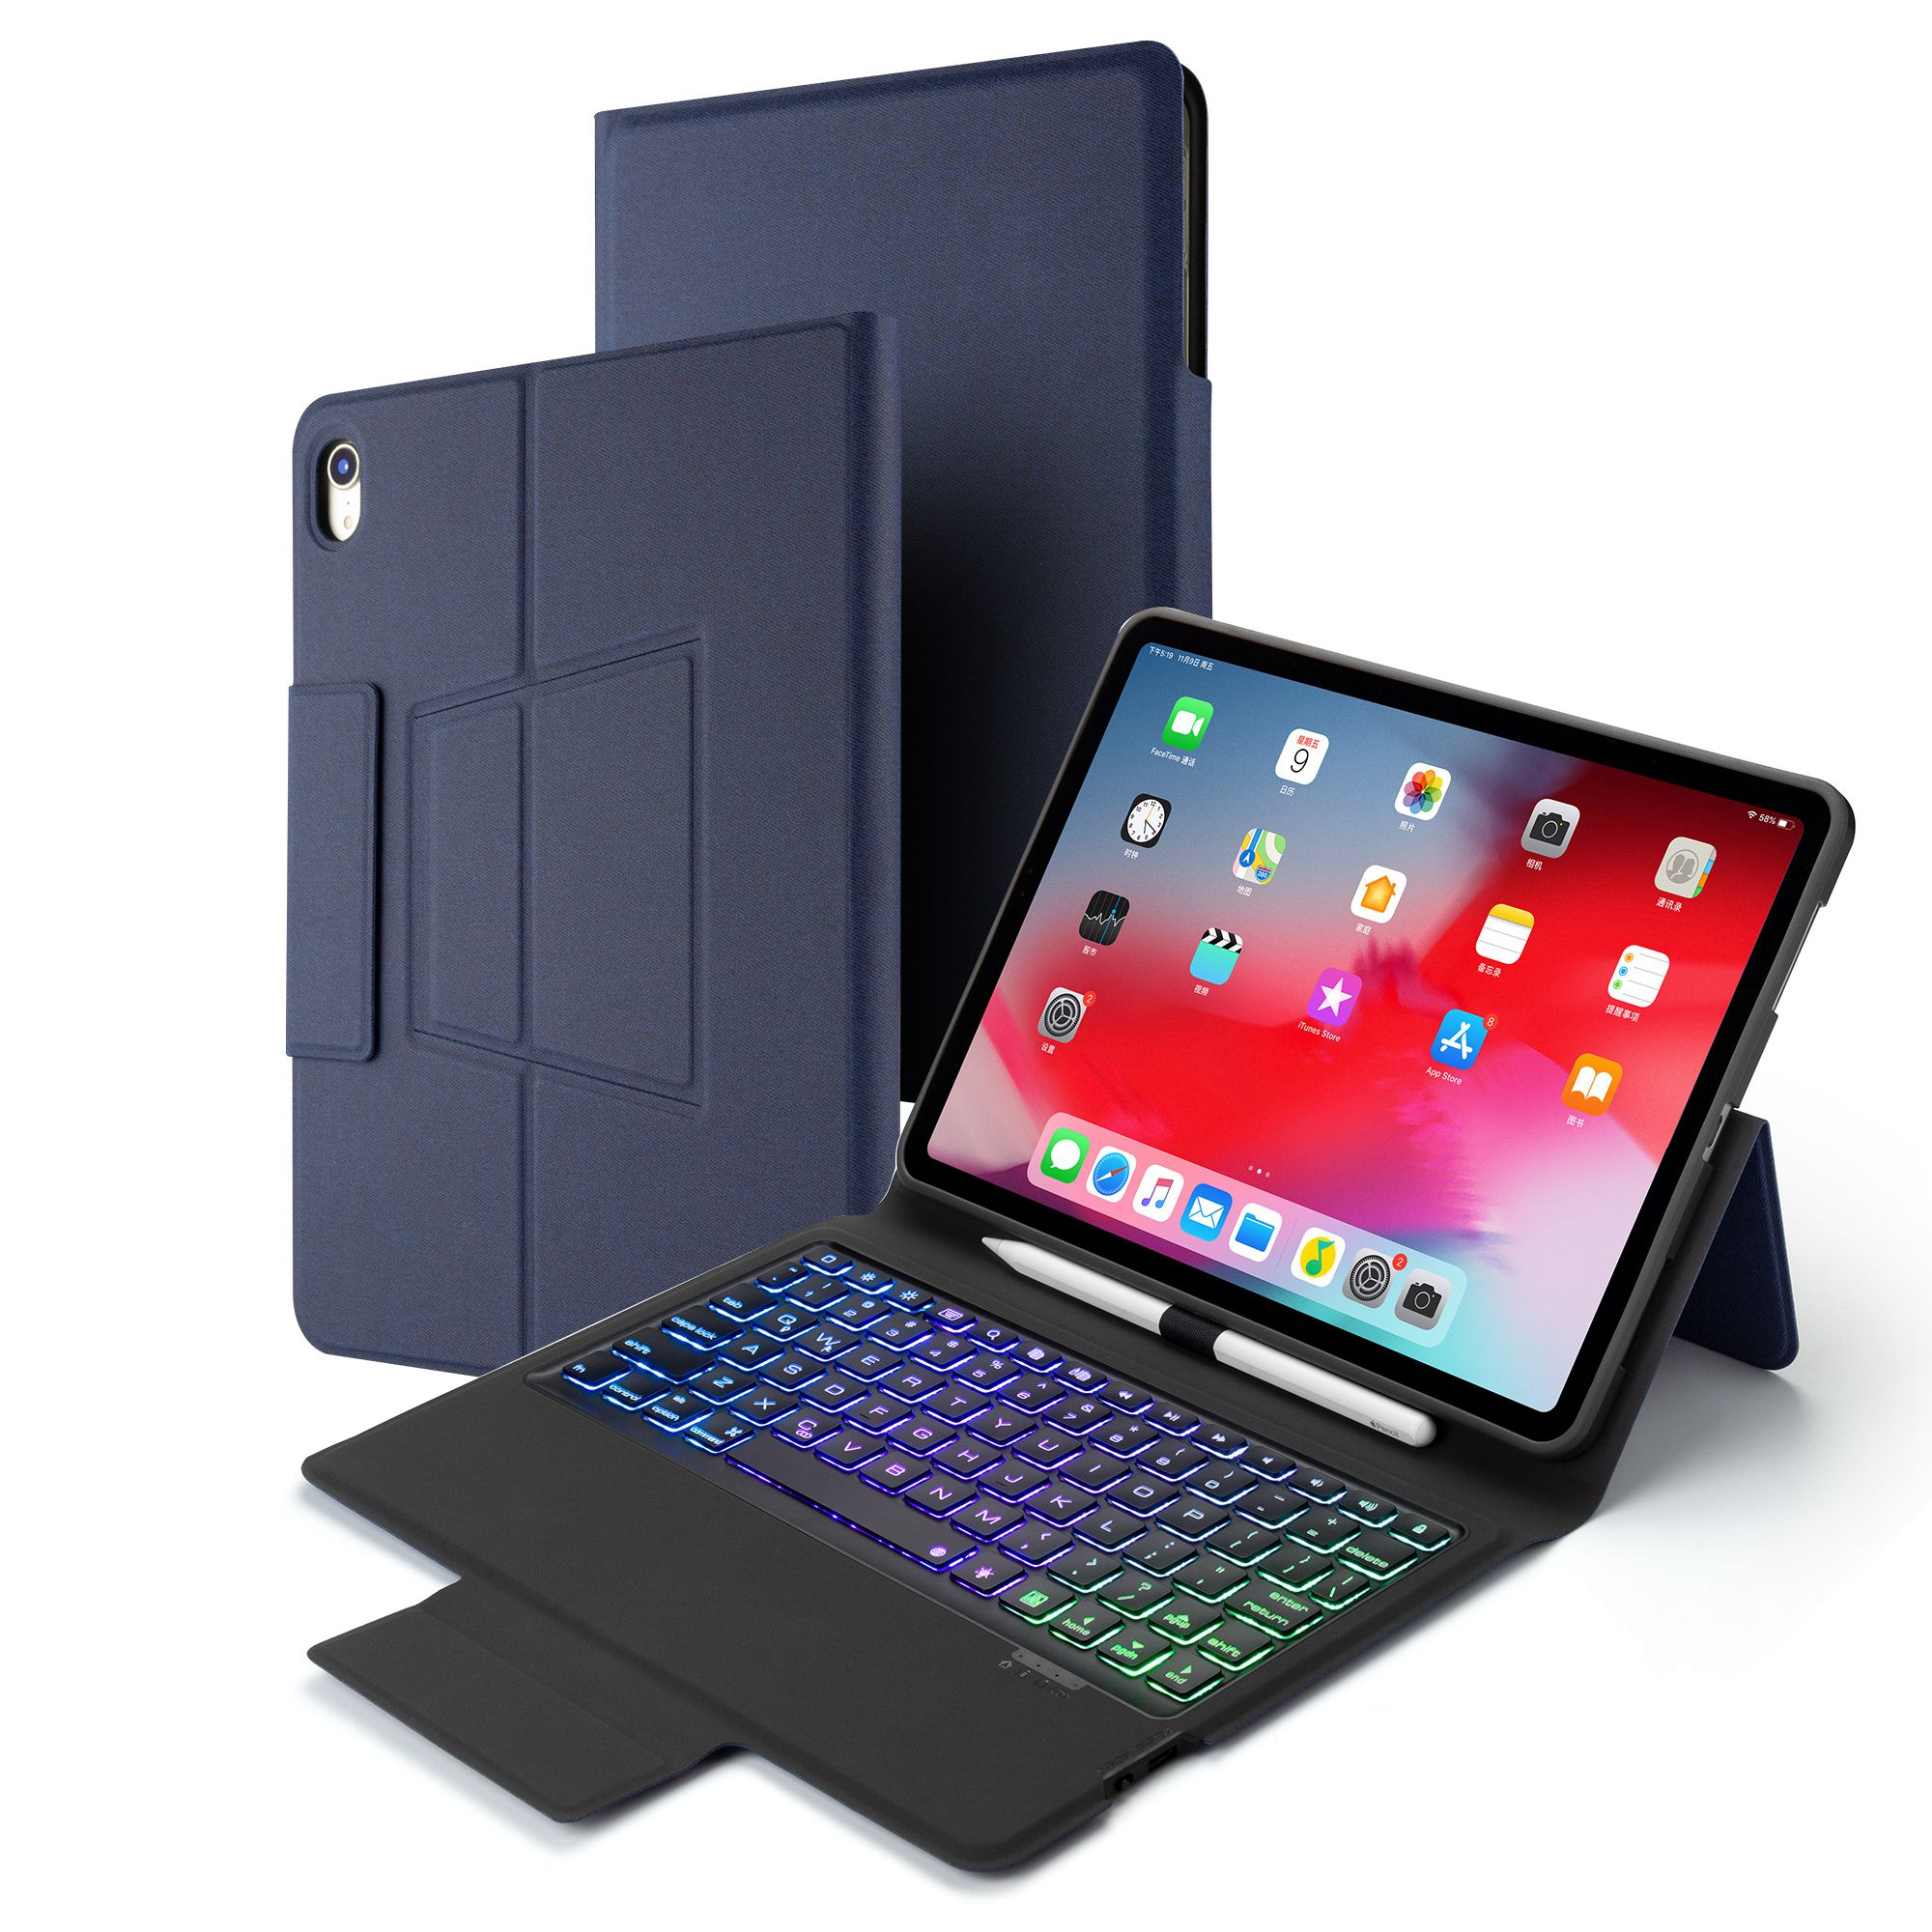 תאורה אחורית 7 מקשים צבע תאורה אחורית עבור iPad Pro 11 אינץ